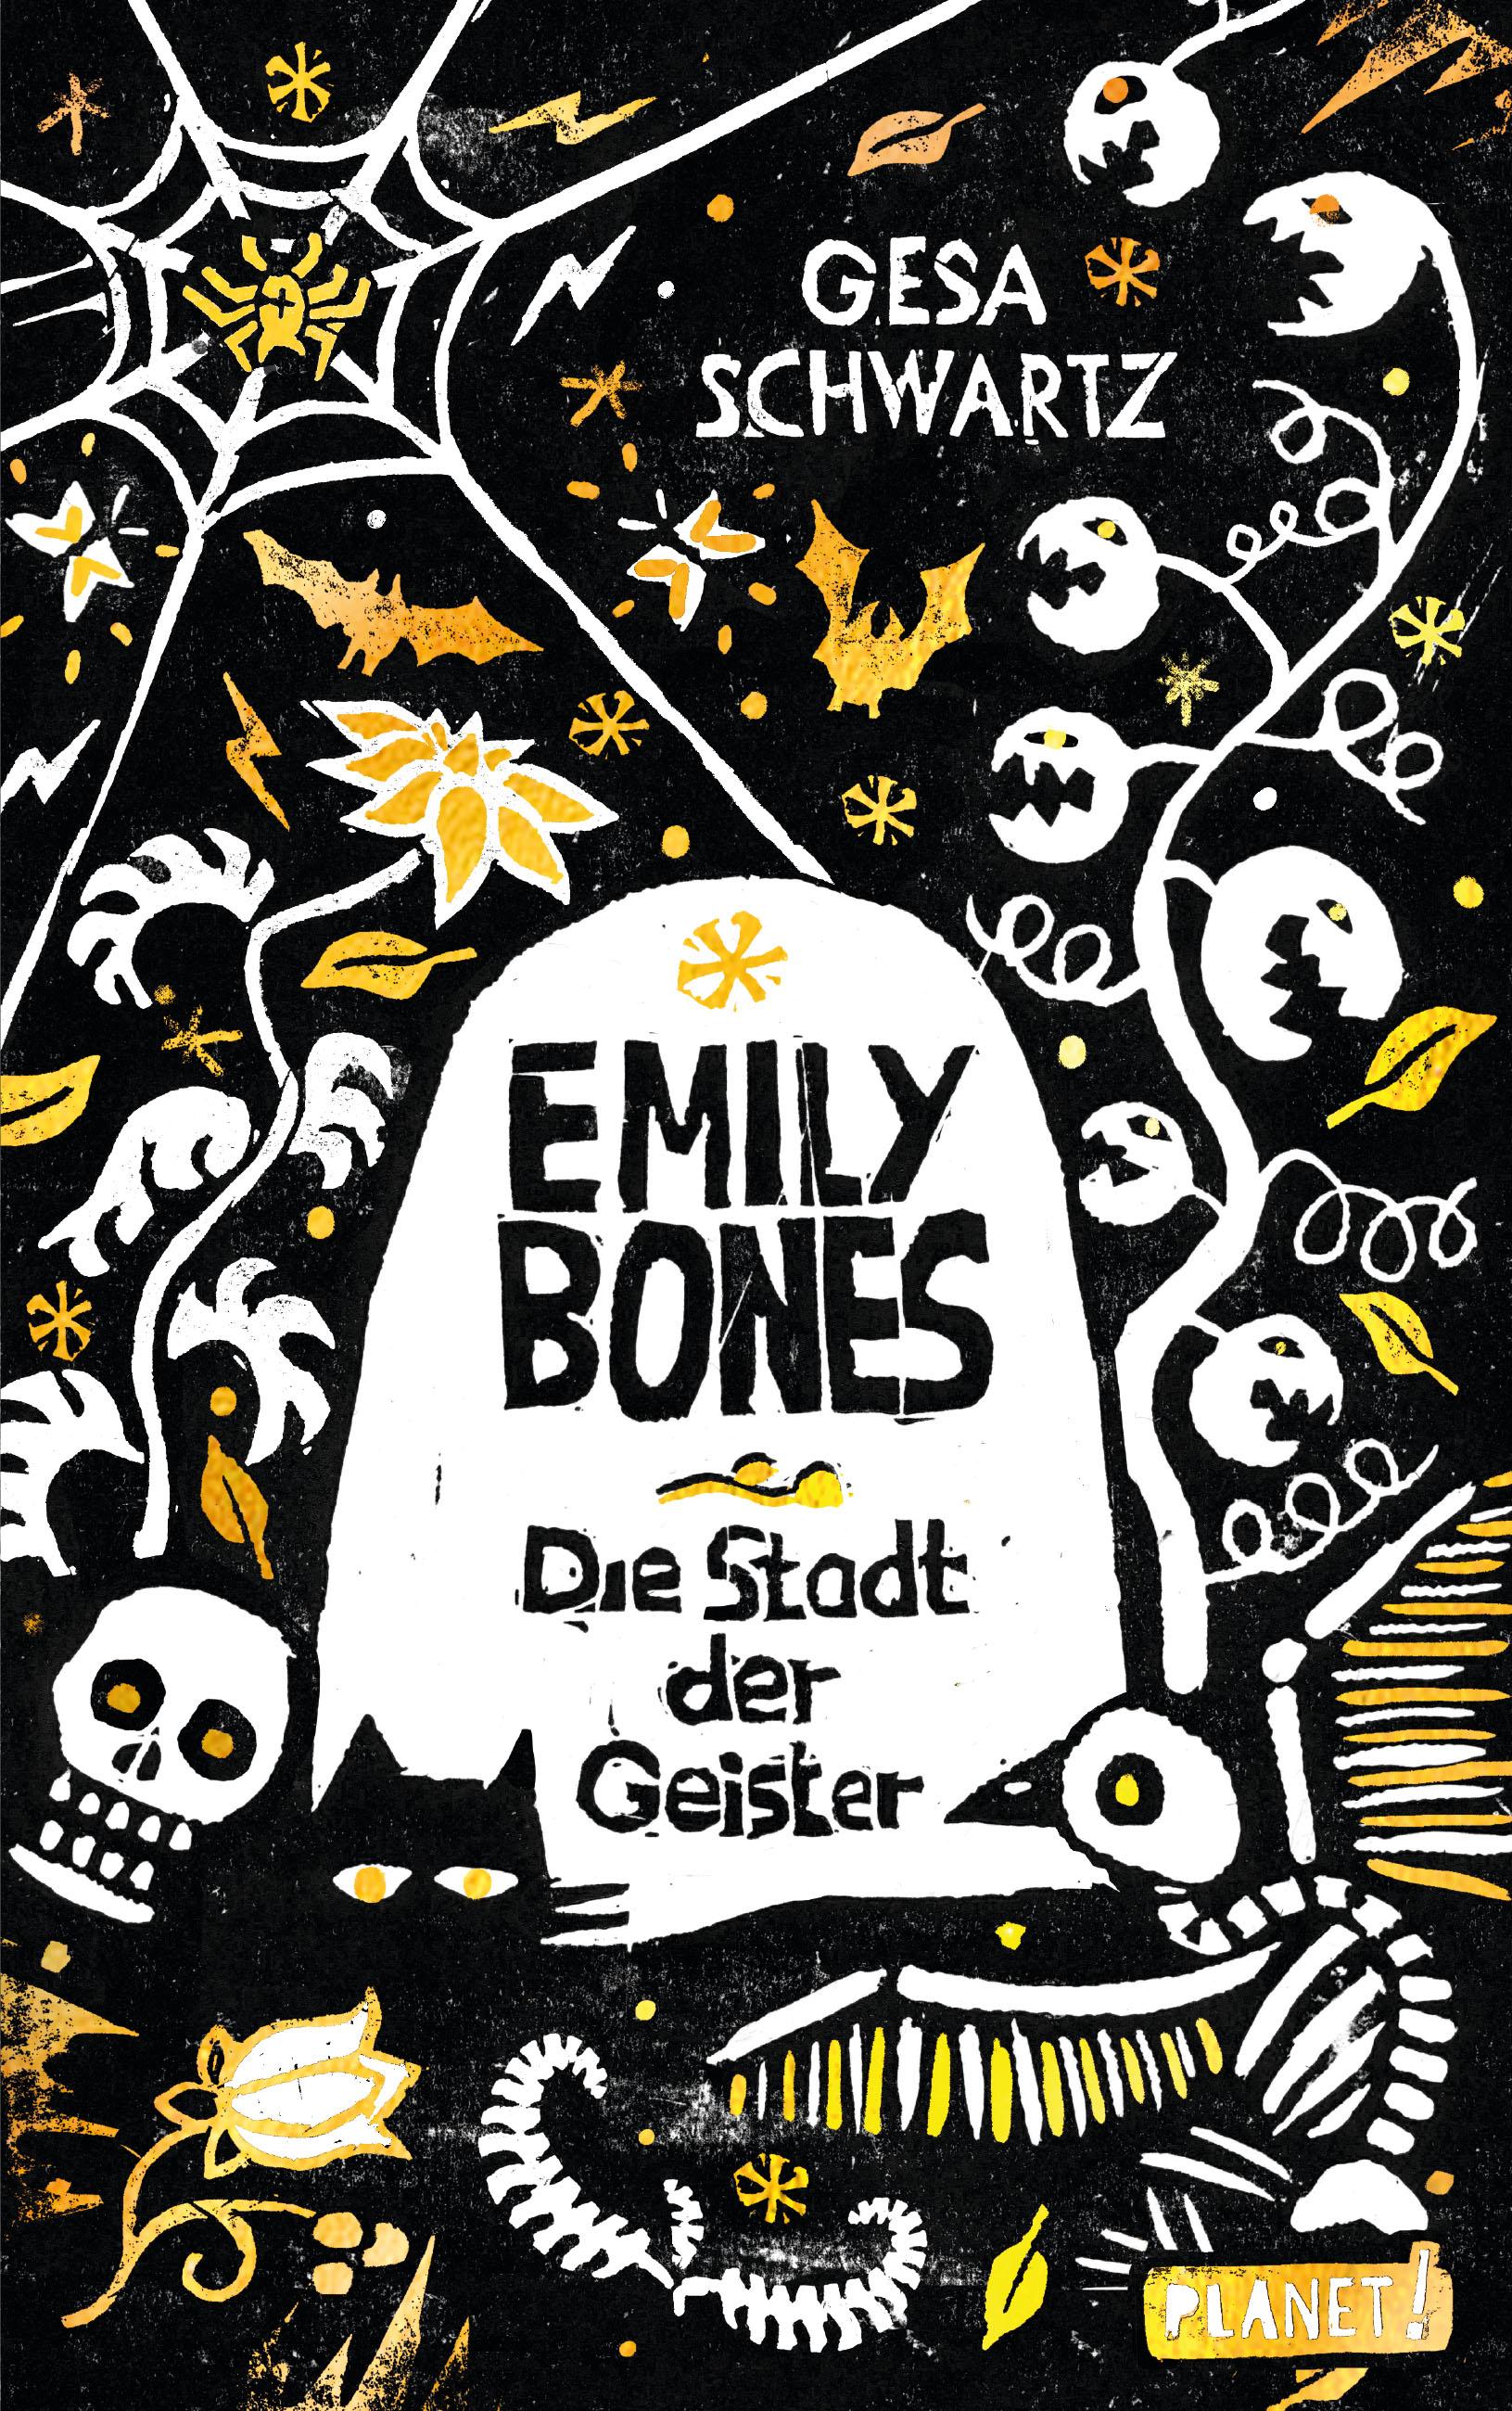 """Rezension: """"Emily Bones - Die Stadt der Geister"""" von Gesa Schwartz"""